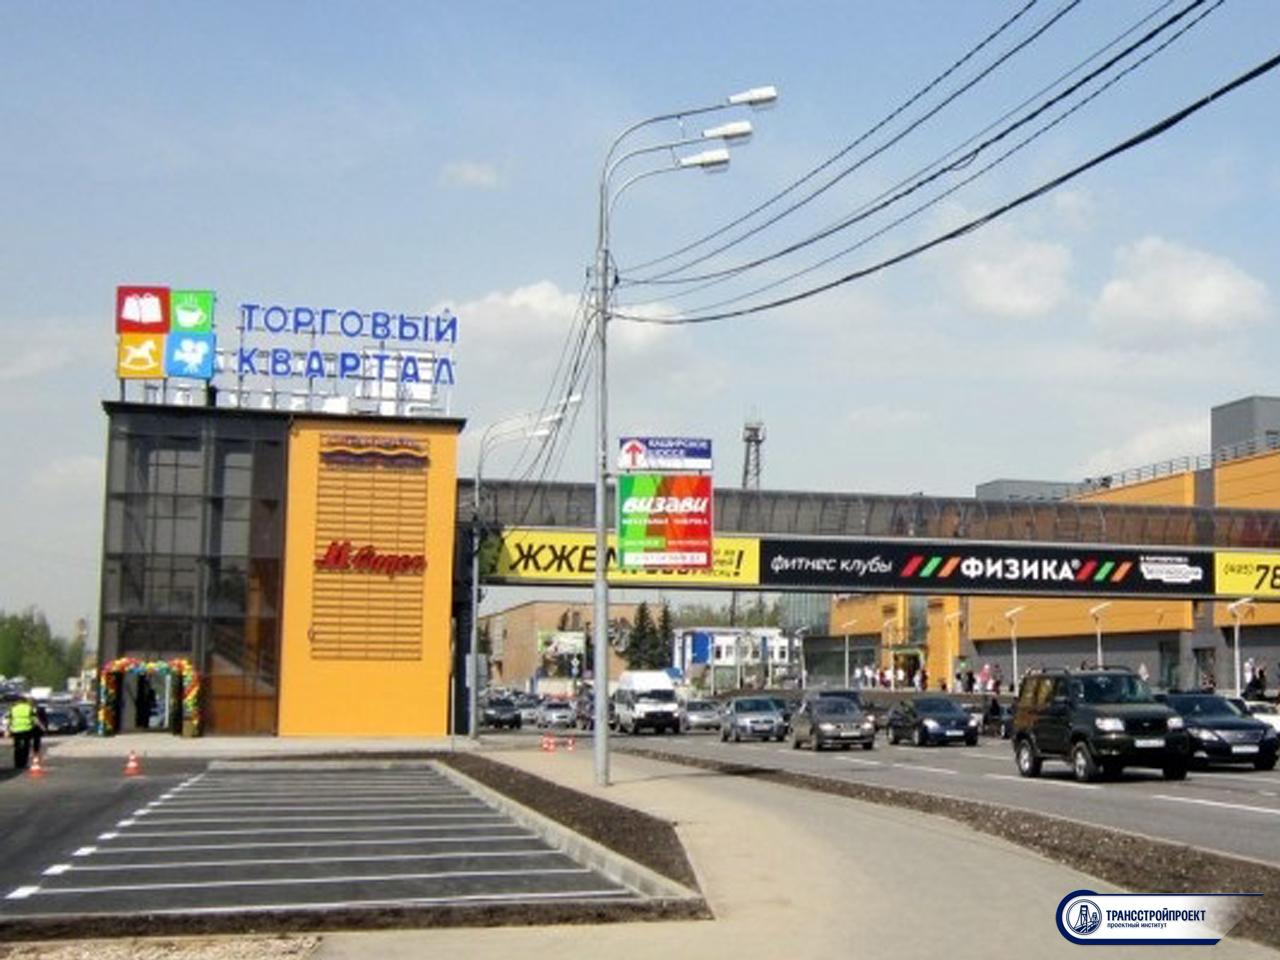 000_Пешеходный мост к ТЦ Торговый квартал Домодедово